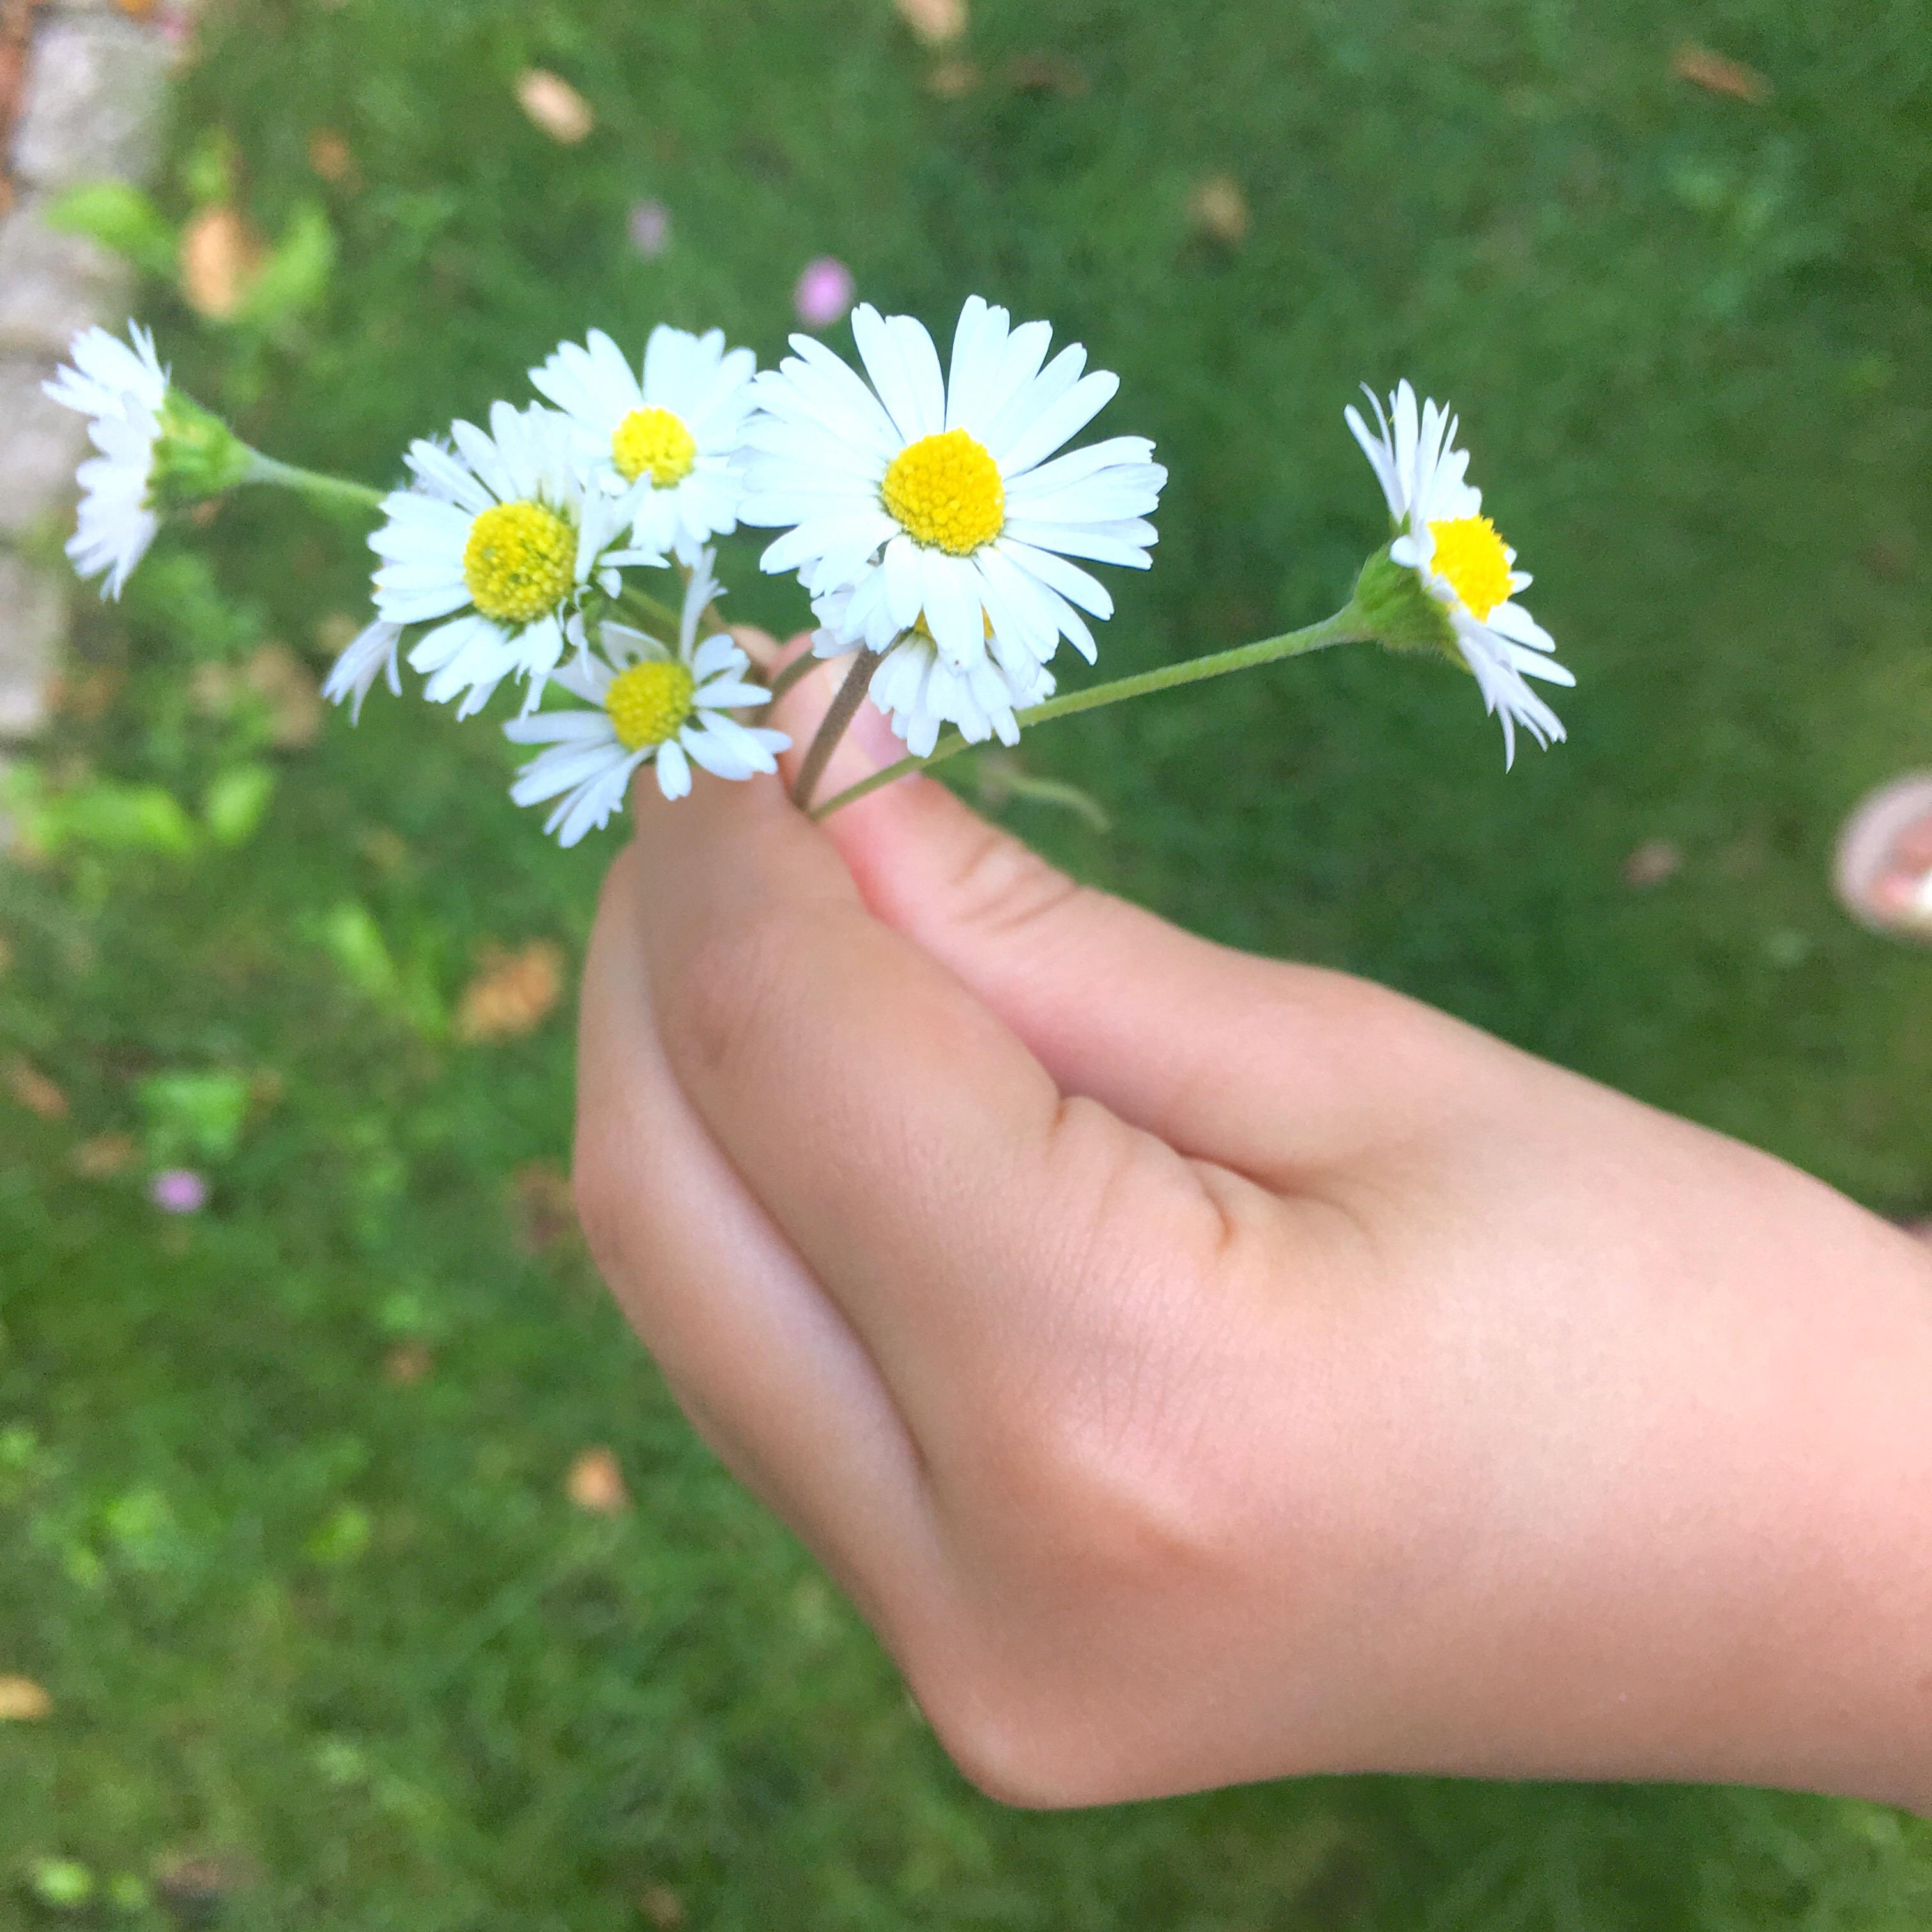 Gänseblümchen pflücken, Leben mit Kindern, Dankbarkeit, Menschsein, Helfen, Obdachlose, die Welt retten, make the world a better place,